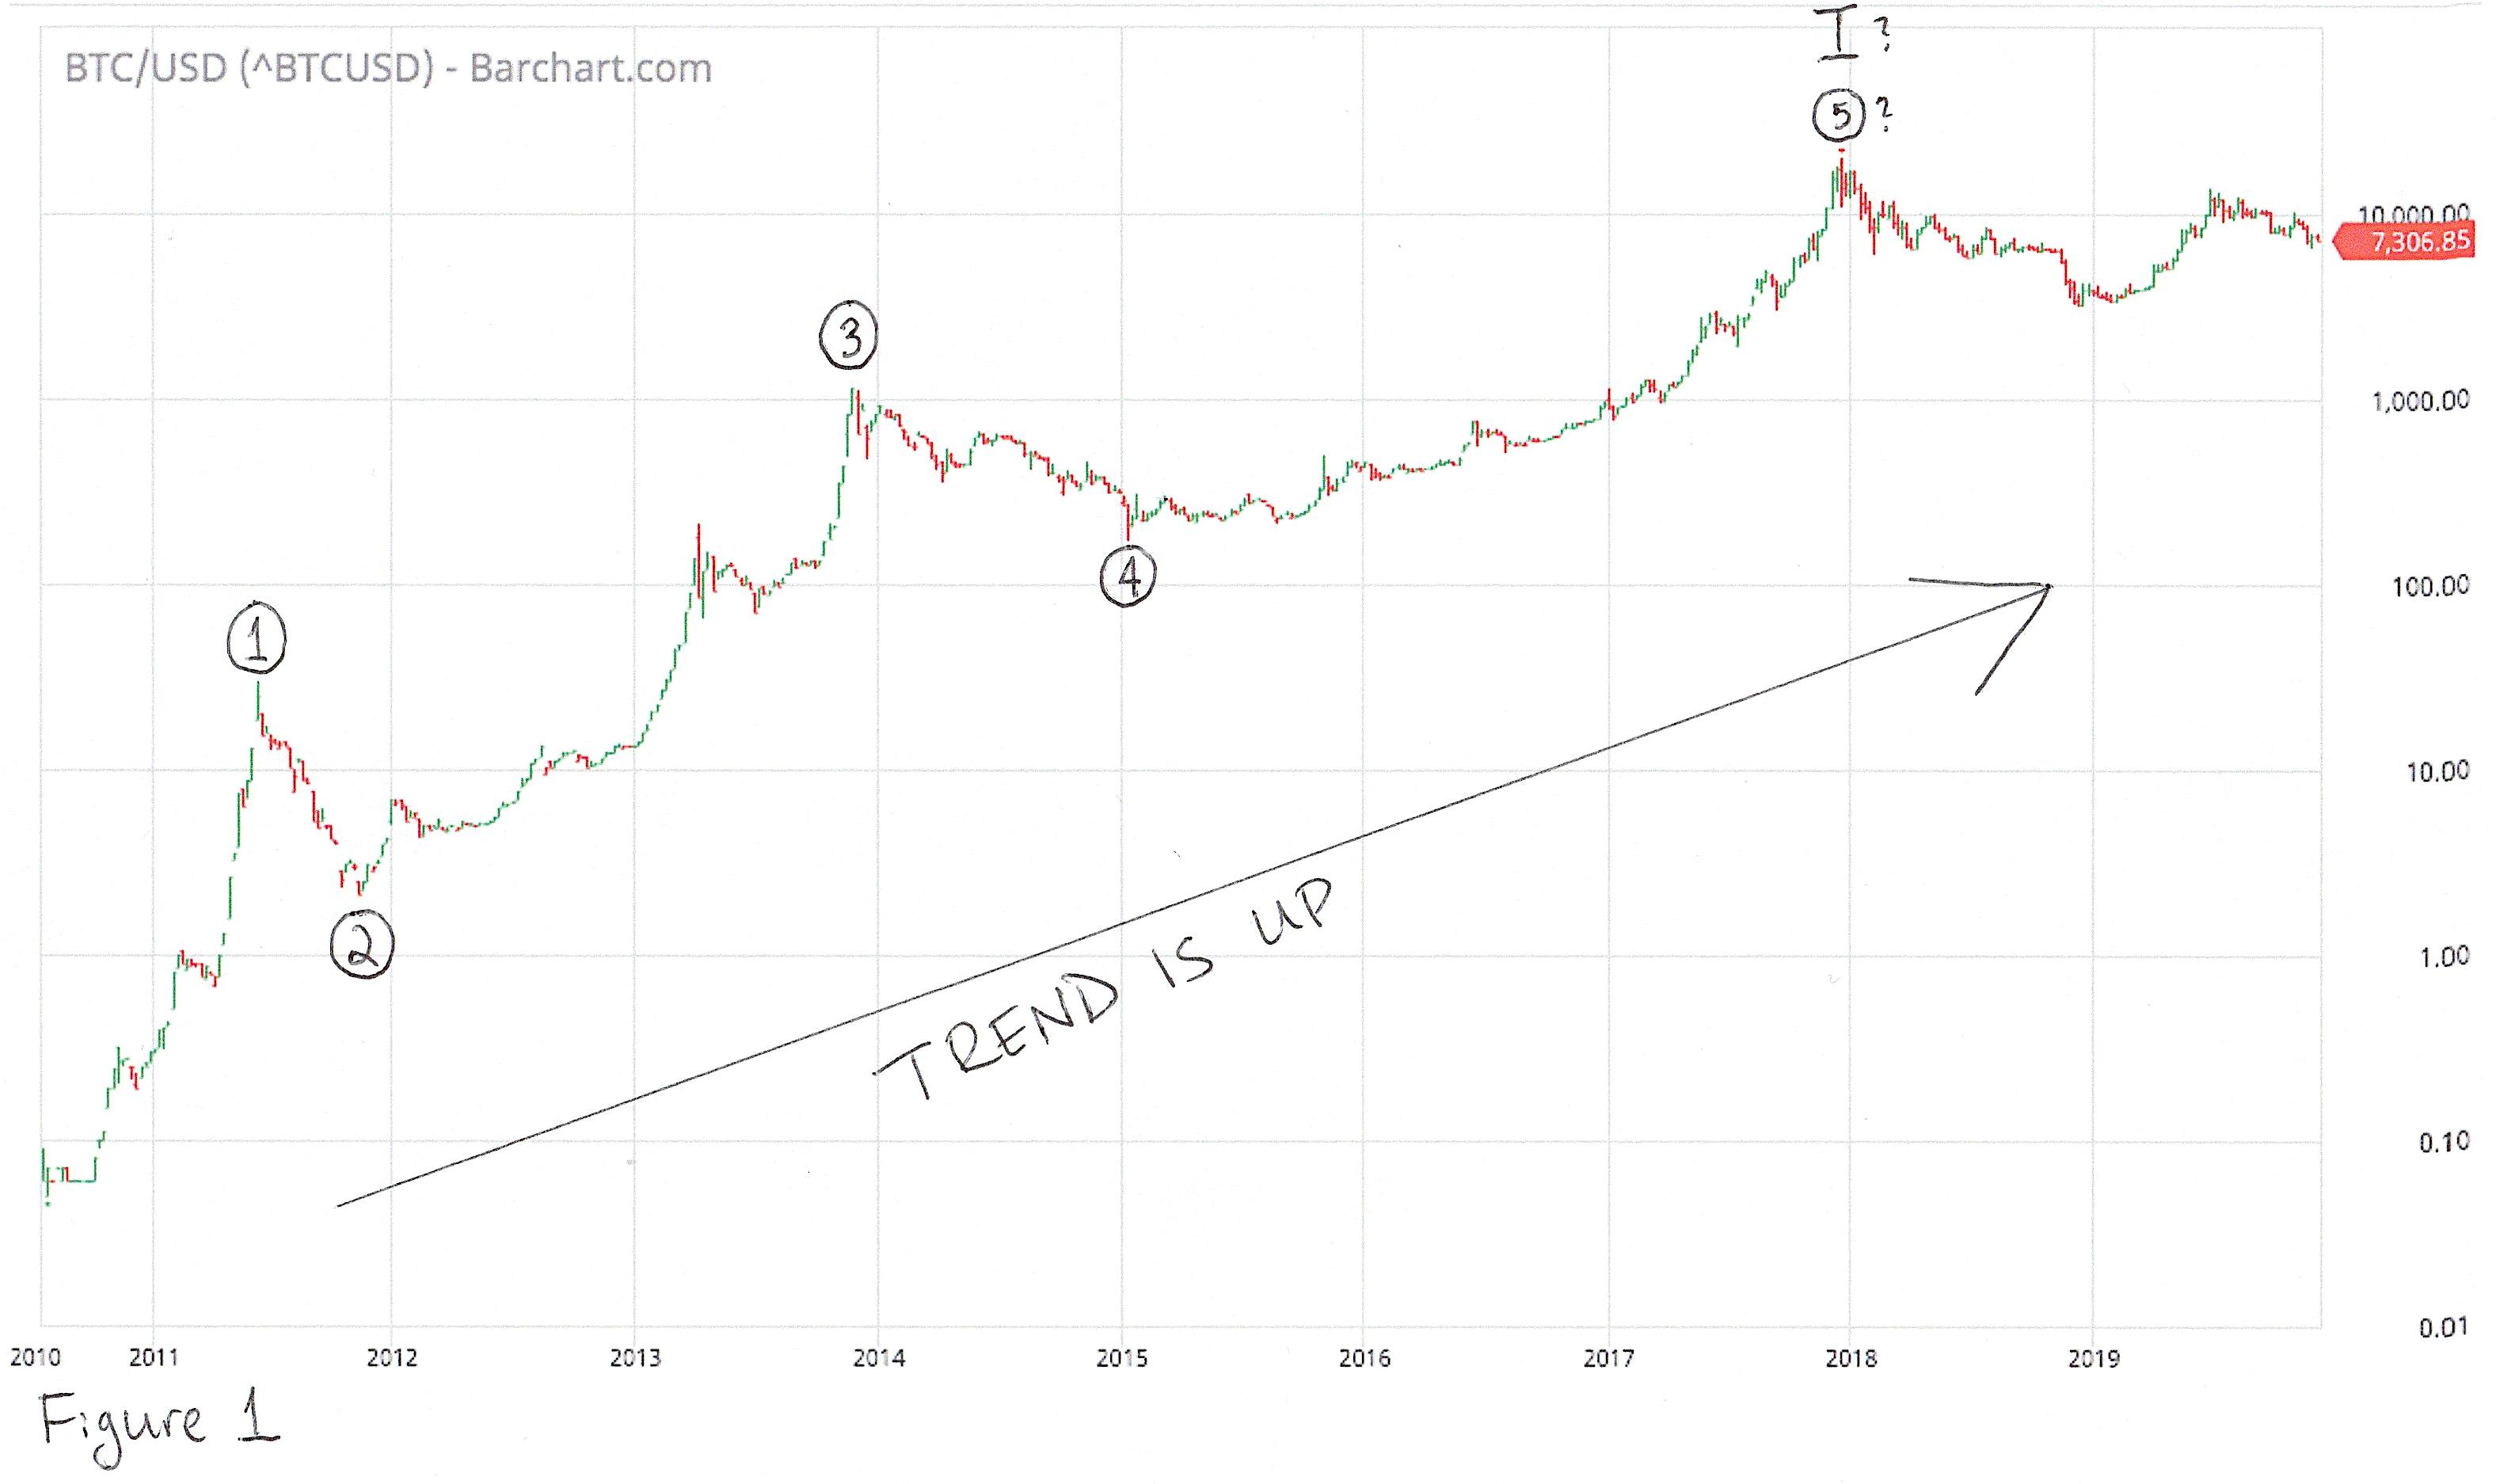 A kripto éve – A Bitcoin megmenti a helyzetet